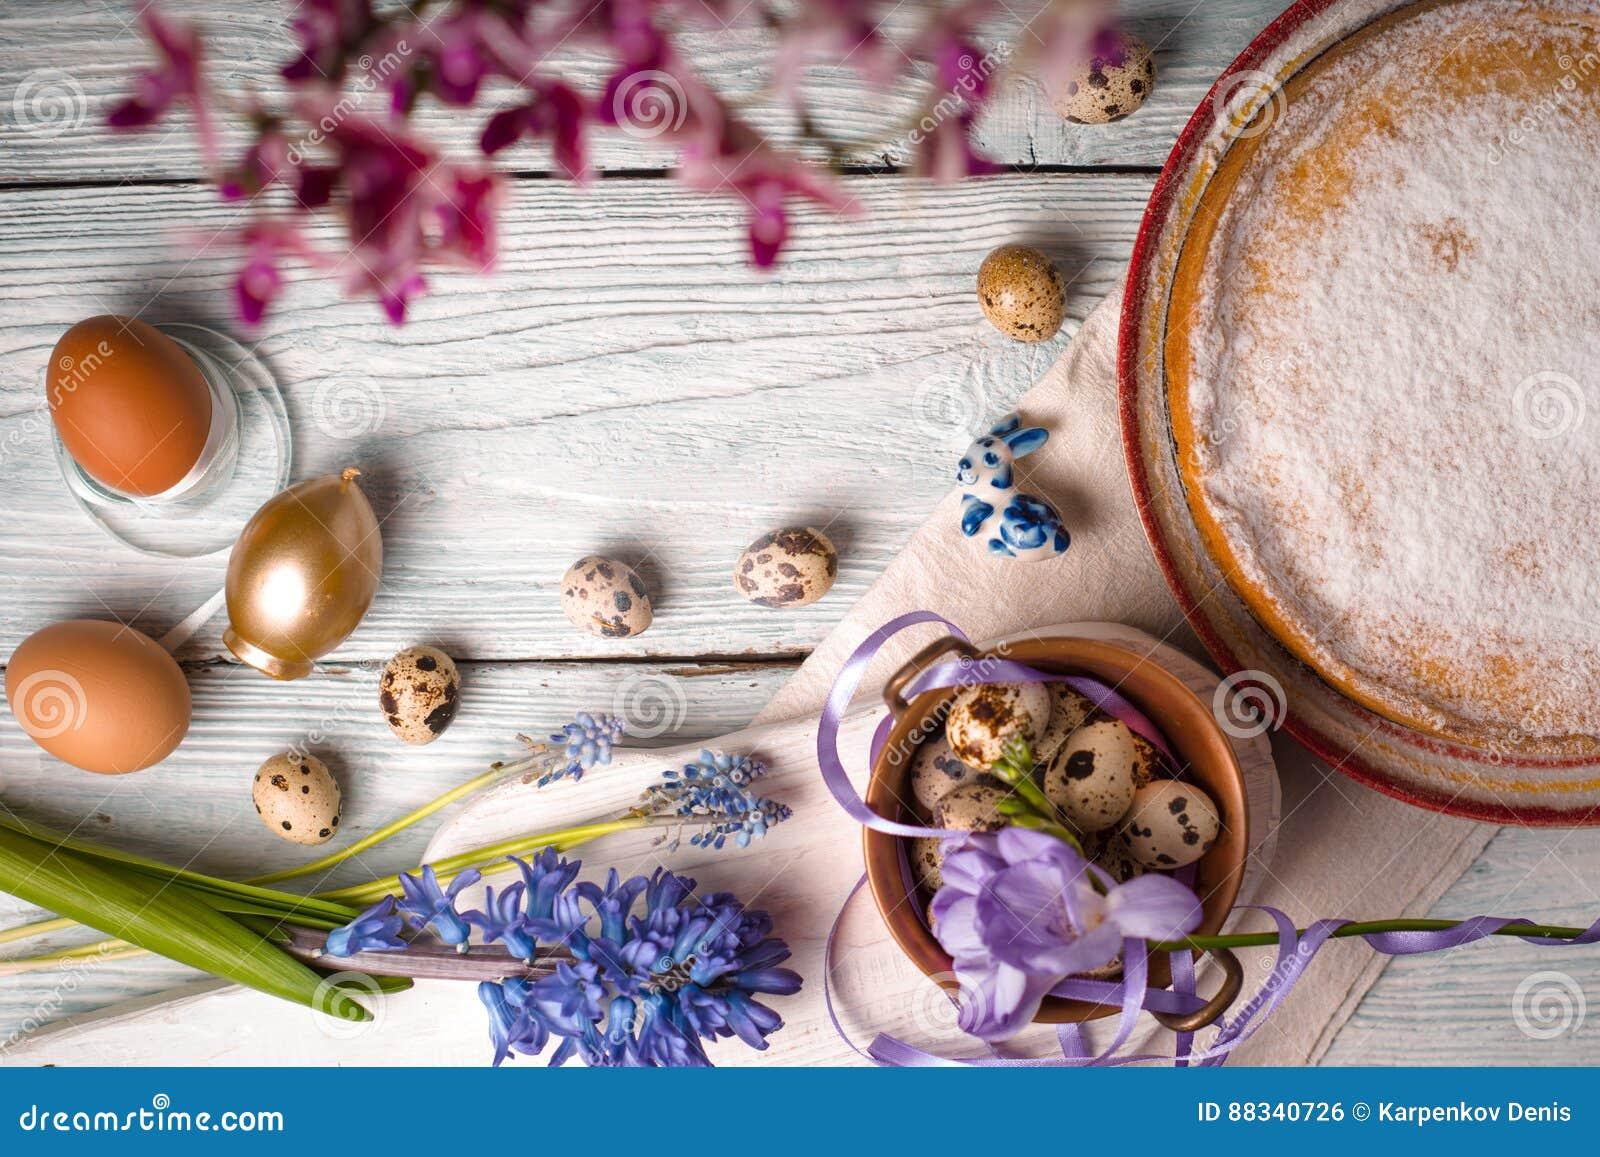 Deutsch Ostern Kuchen Eier Blumen Bänder Kopieren Auf Dem Tisch